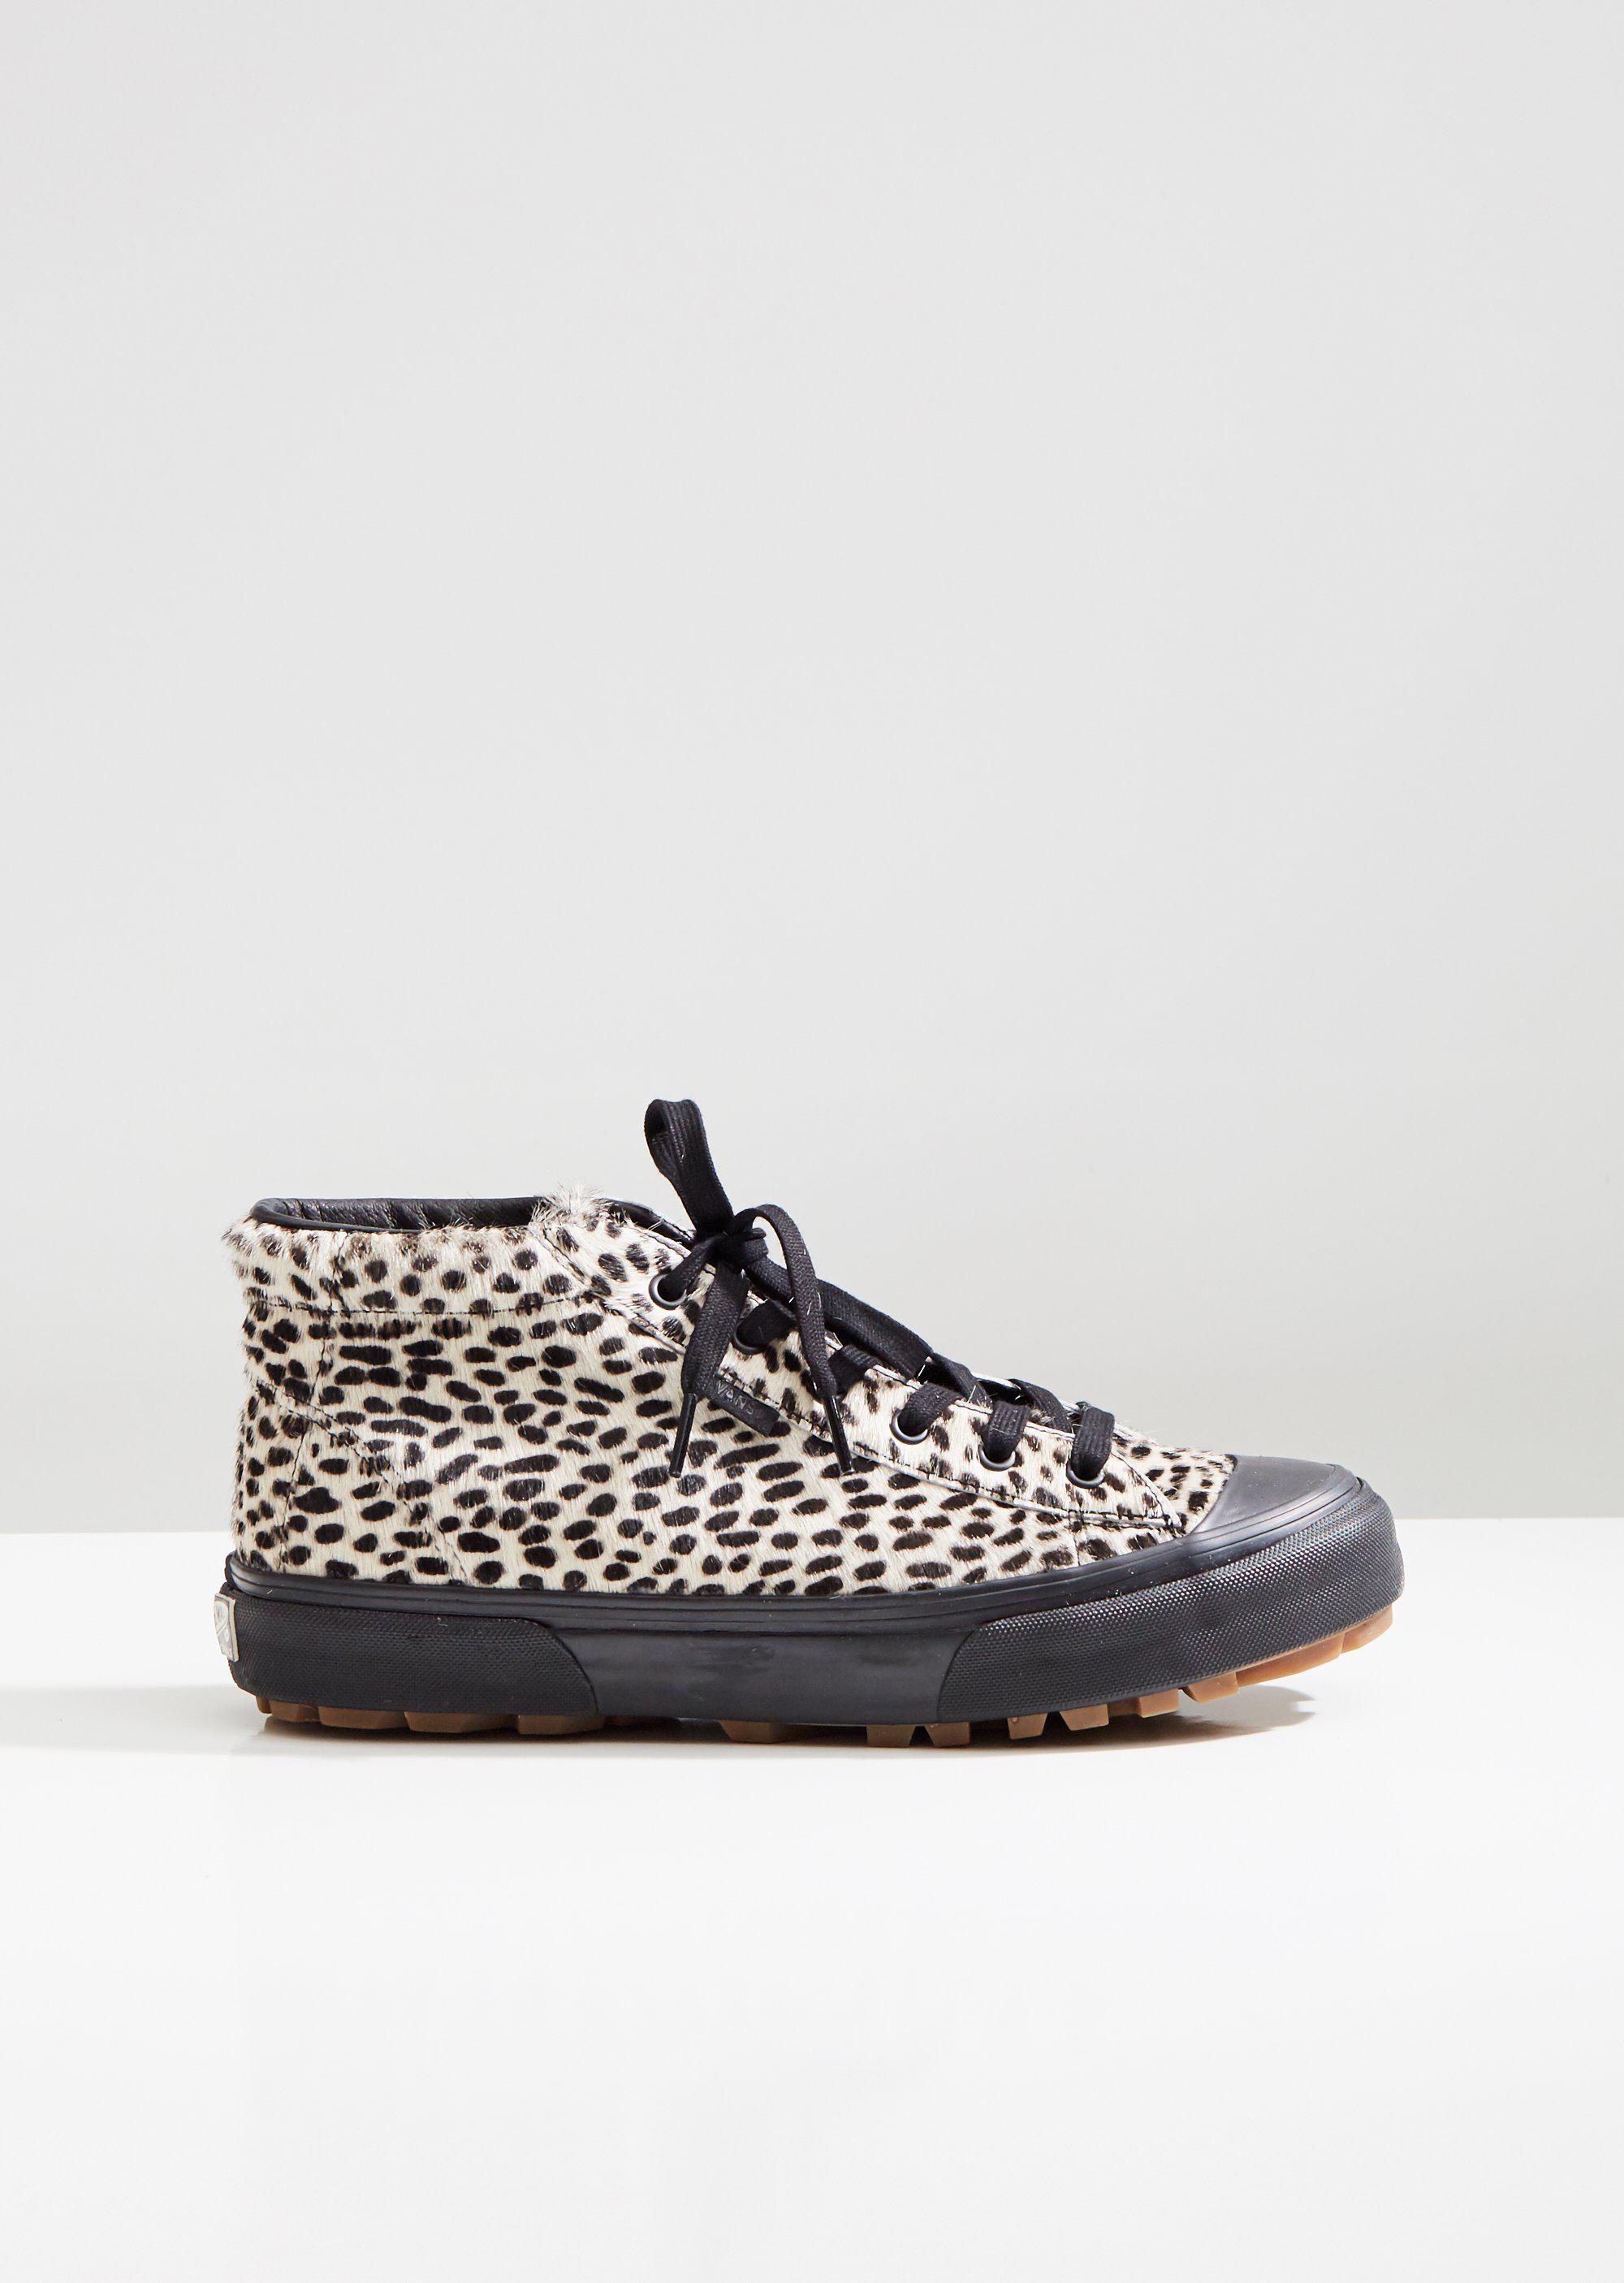 fbe8381c03515f Lyst - Vans Og G.i Lx Snow Leopard Sneakers for Men